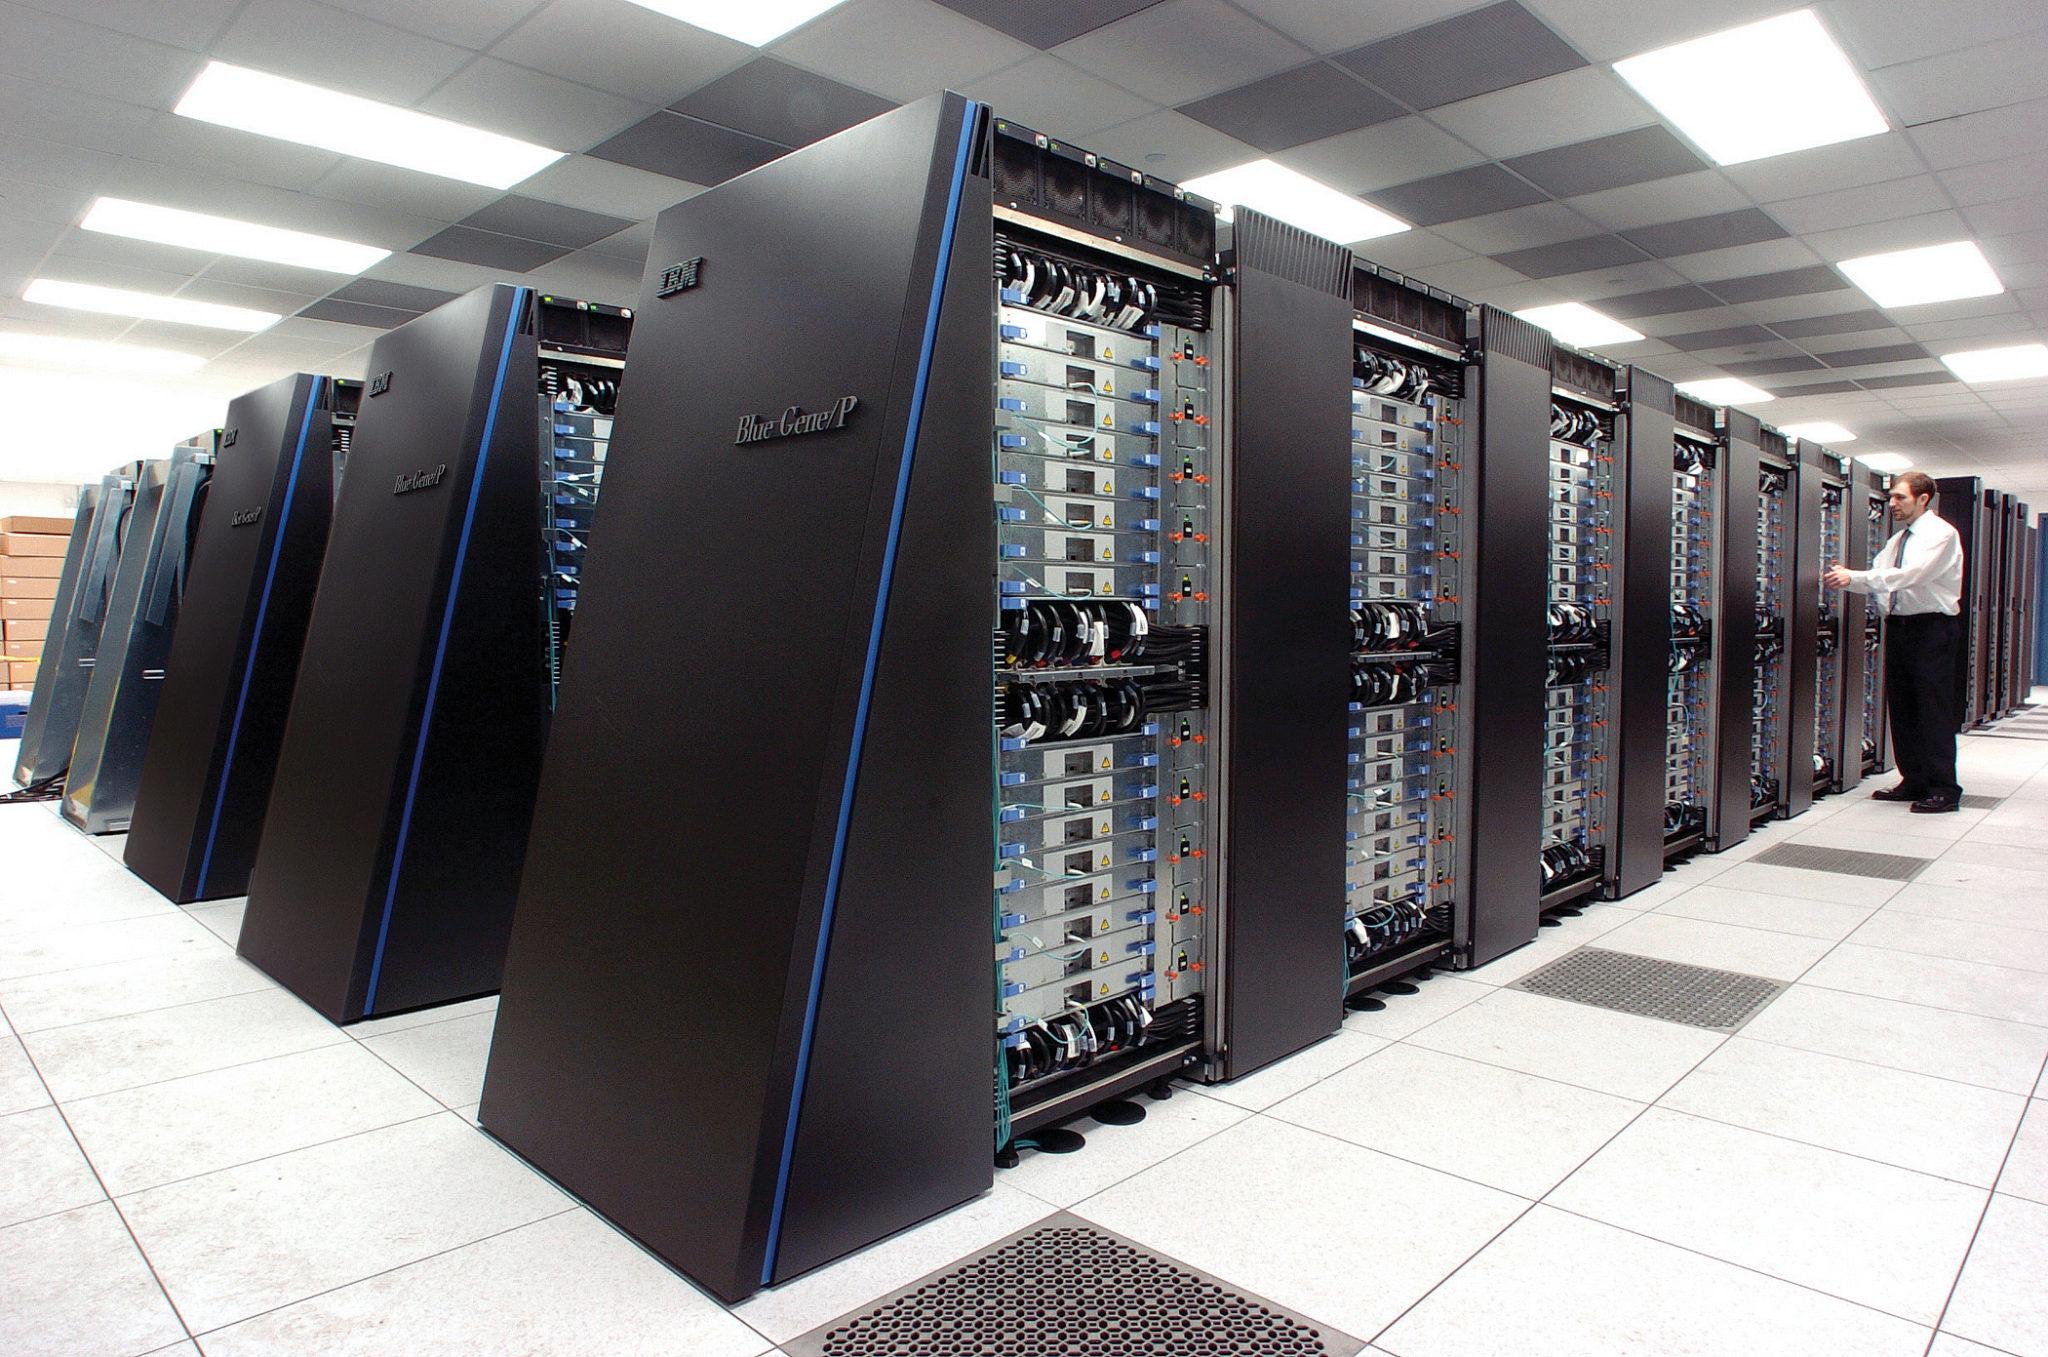 Спинтронный компьютер - еще один кандидат на роль компьютера будущего.